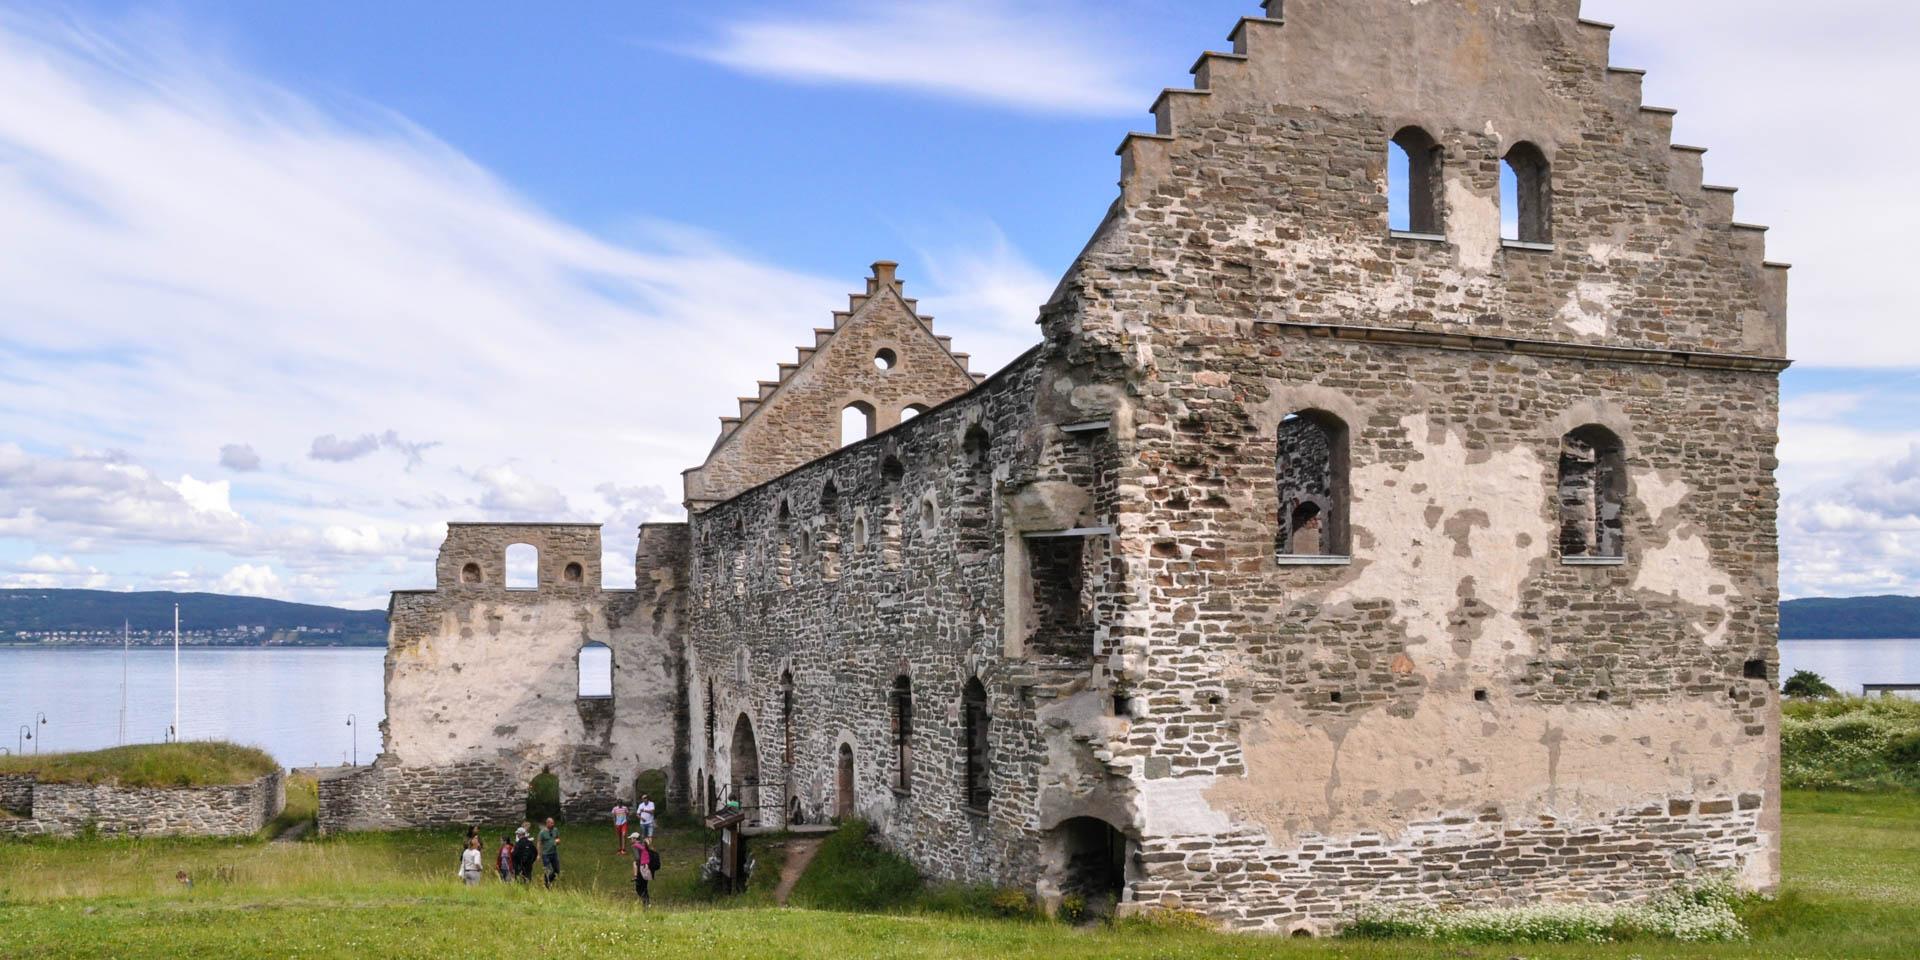 Visingsborgs Slottsruin 2015